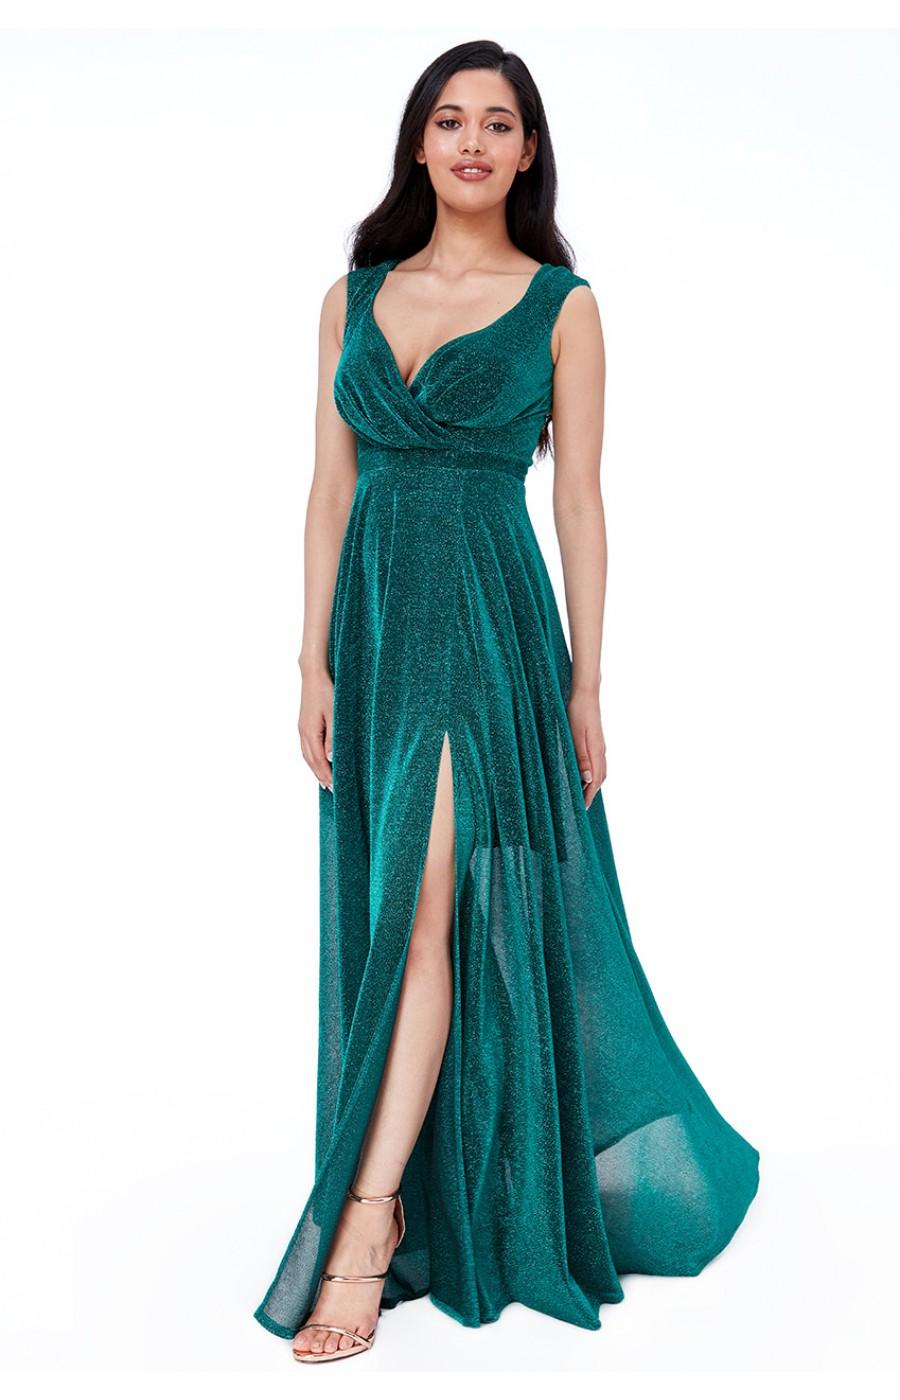 Μεταλλικό ανάλαφρο σμαραγδί φόρεμα